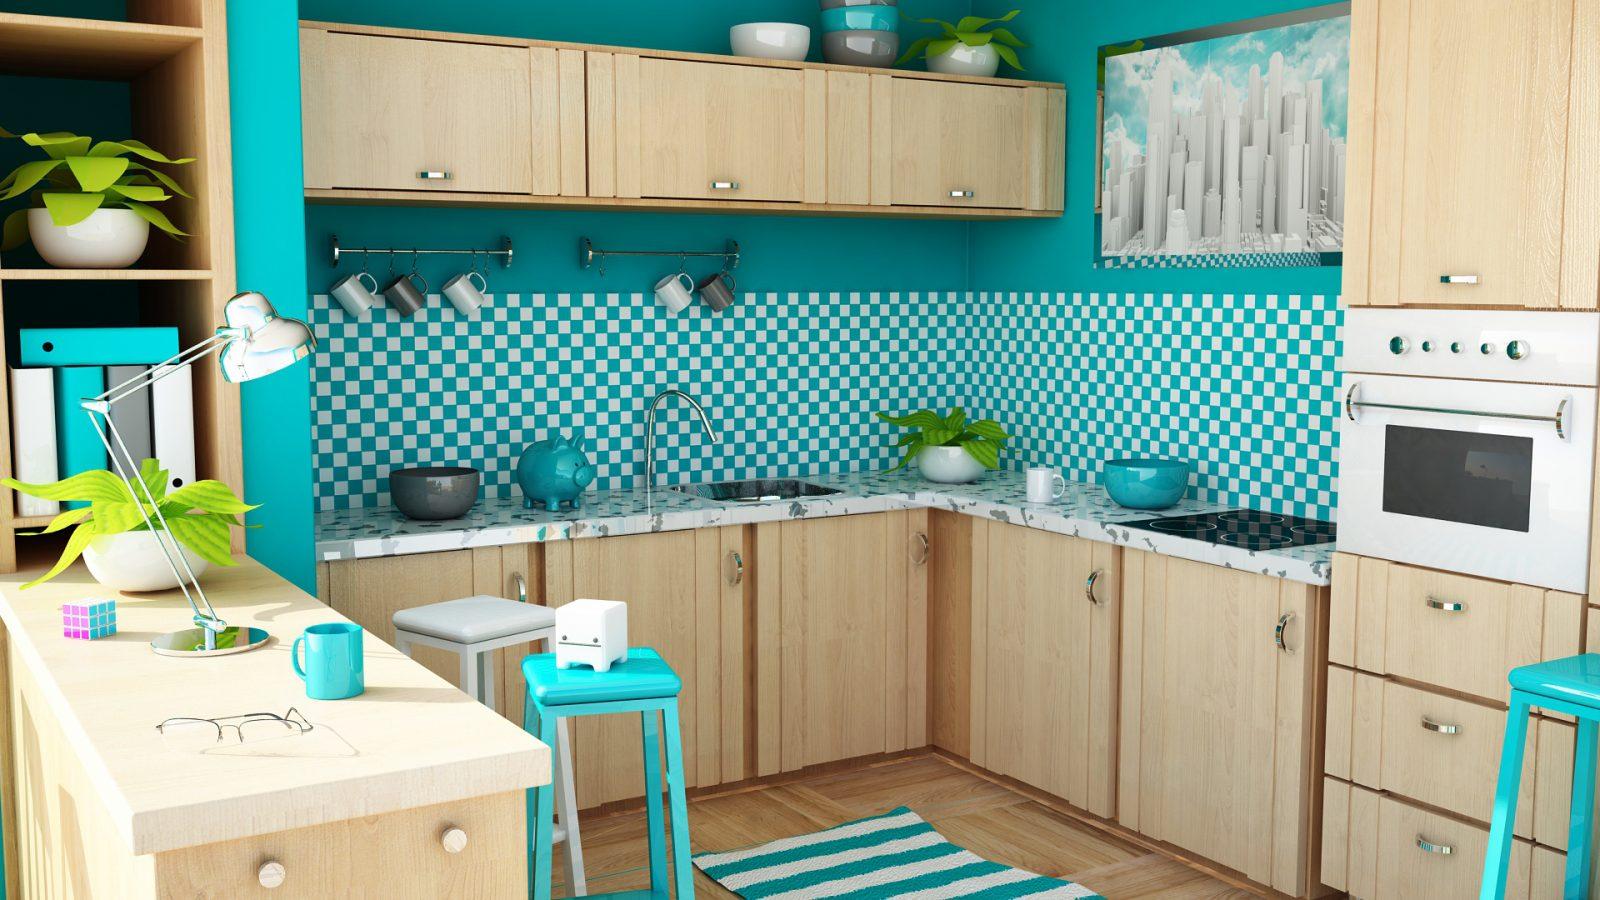 Azulejos Decorativos Para Cocinas Cmo Aprovechar Los Azulejos  # Muebles De Cocina Kiwi